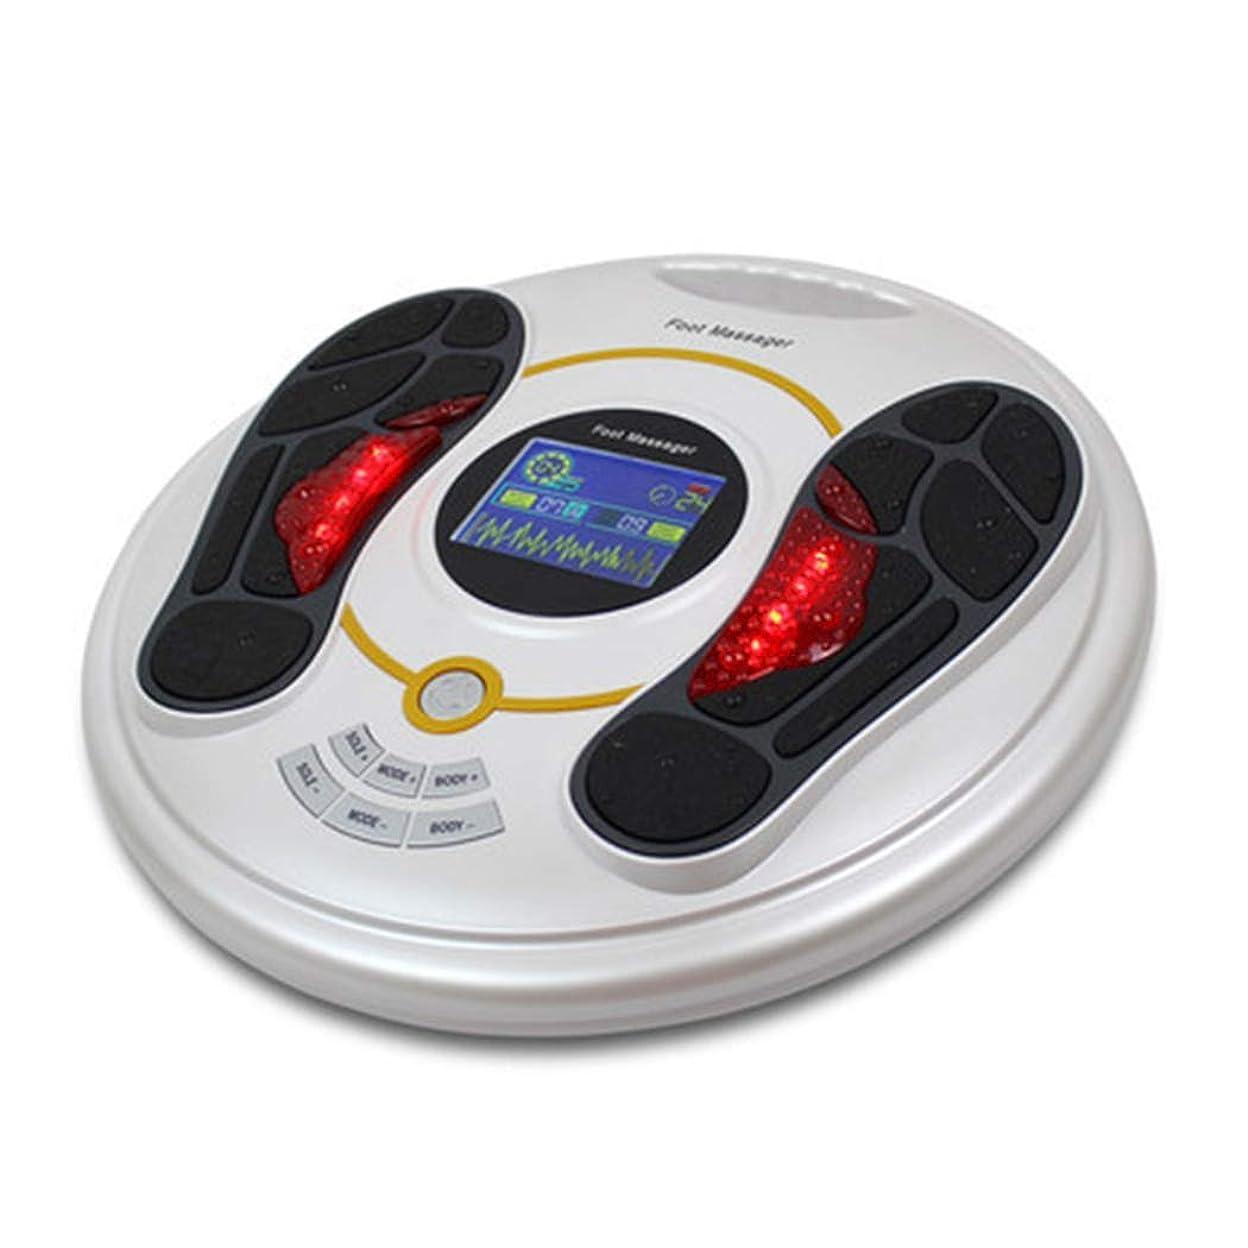 アトラス影響力のある怒って血液循環を促進リモートコントロールフットマッサージャー指圧マシン電動足マッサージャースパ、熱、ディープニーディング機能ホームオフィスでの使用のための足のストレス緩和インテリジェント、ホワイト